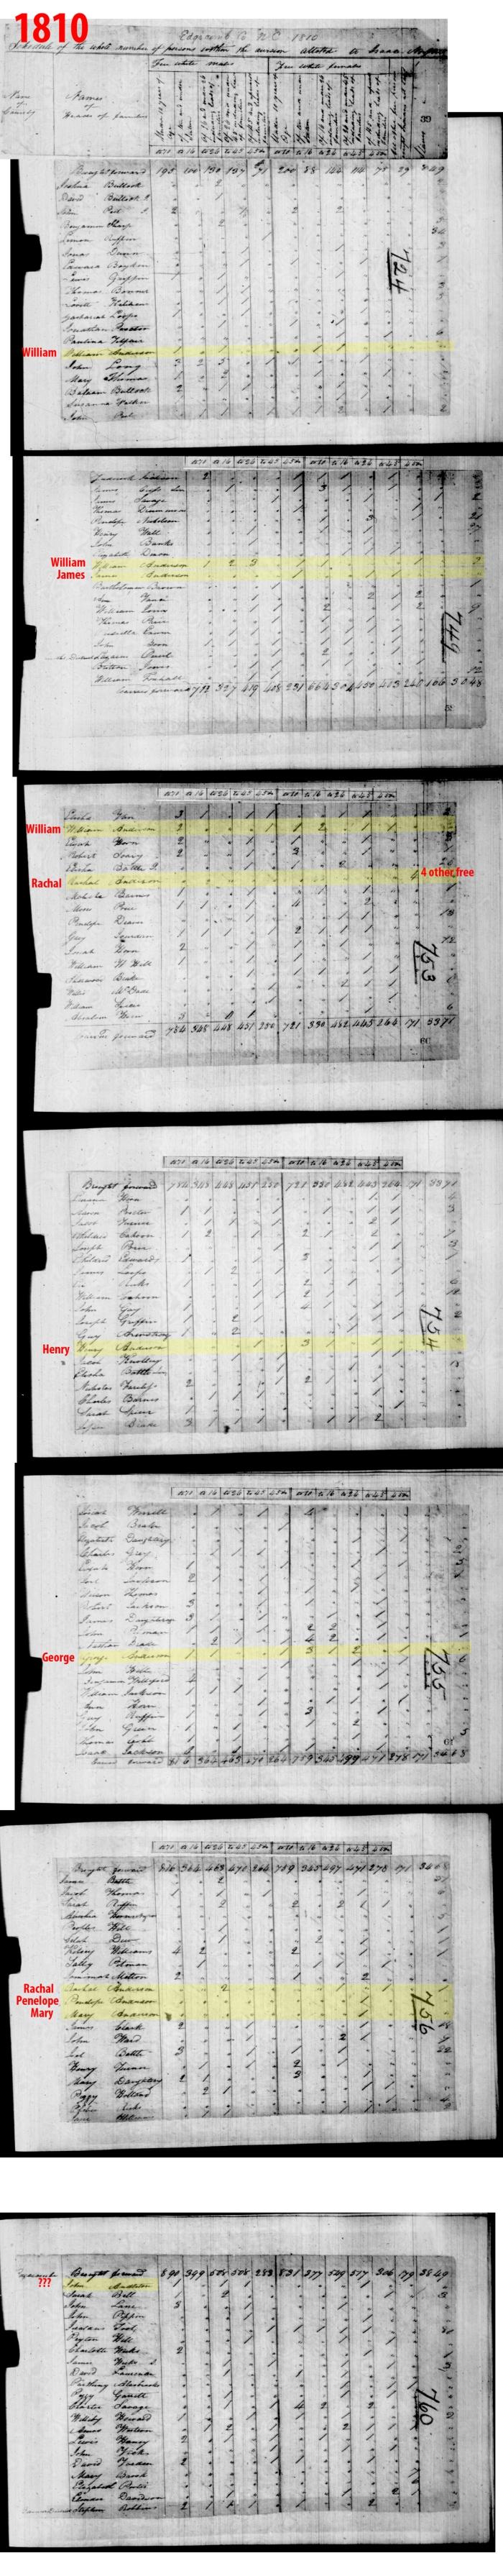 1810 census copy